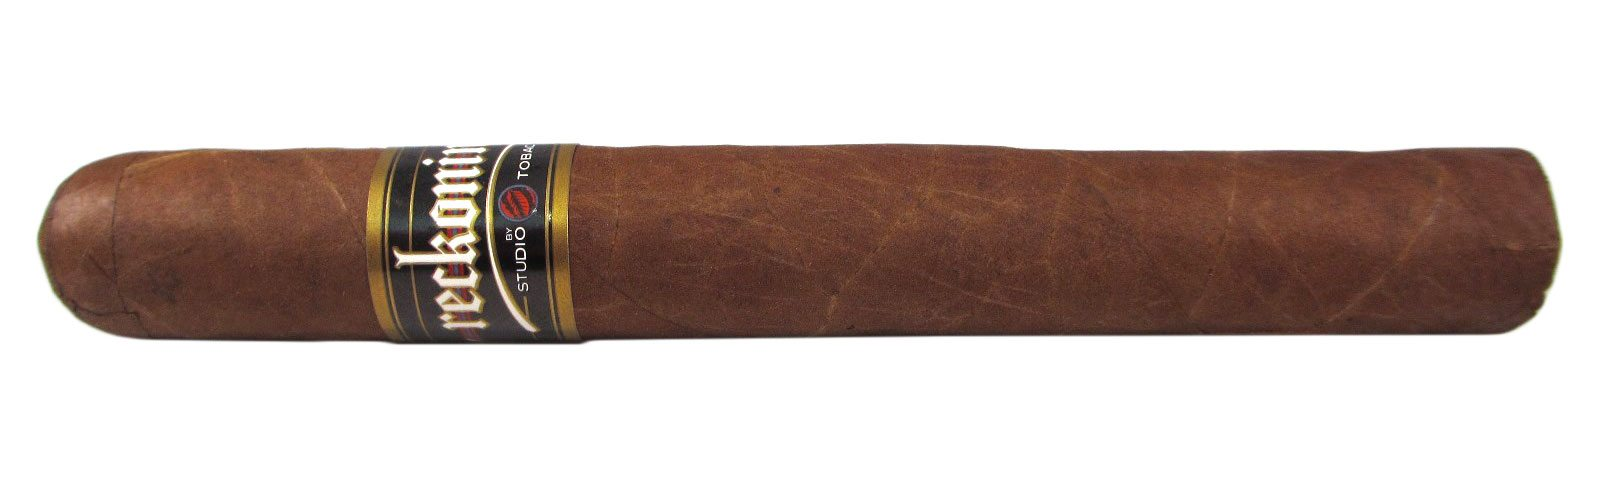 Blind Cigar Review: Studio Tobac | Reckoning Toro